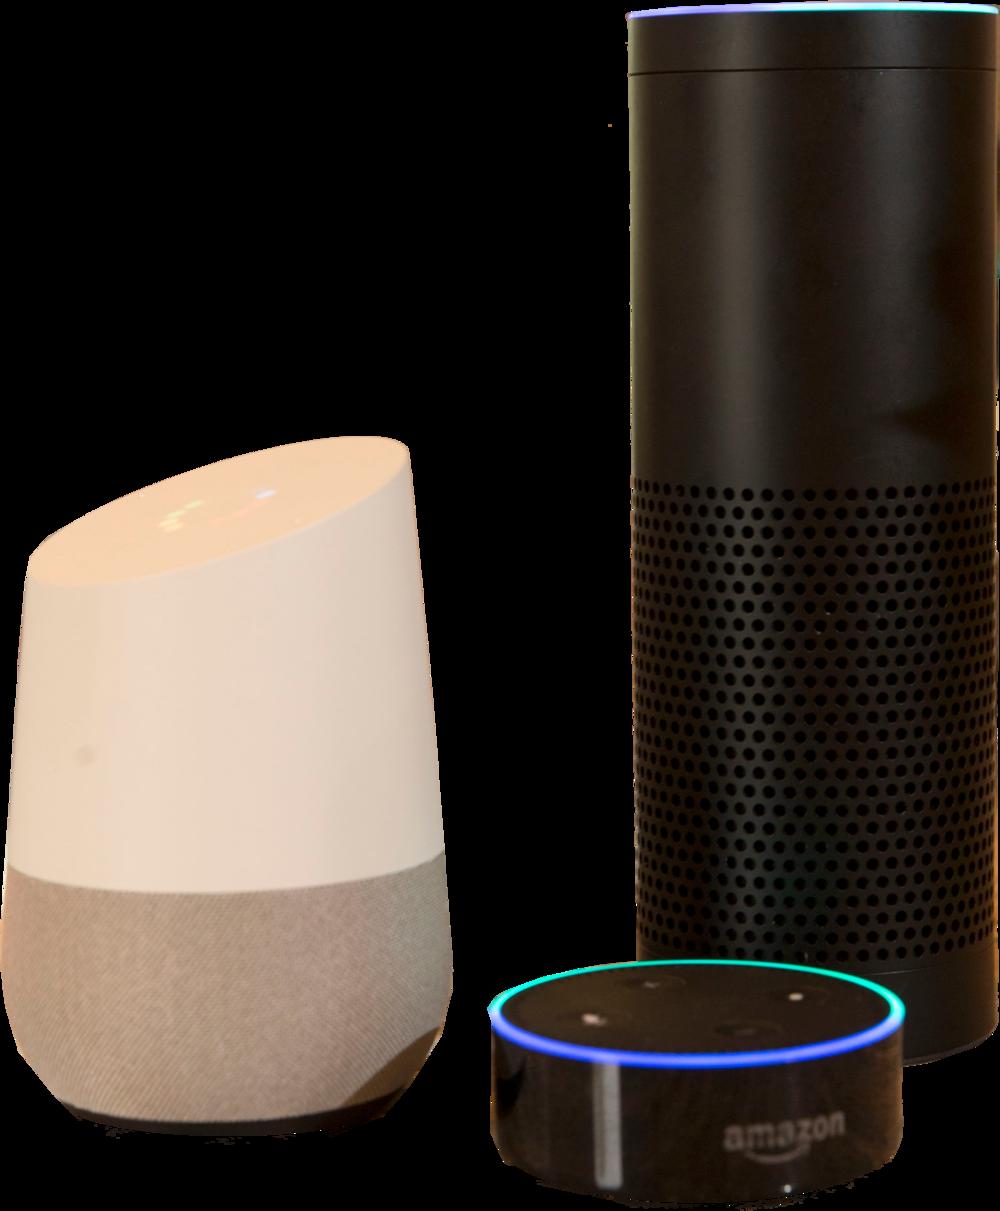 voiceterpro-devices.png